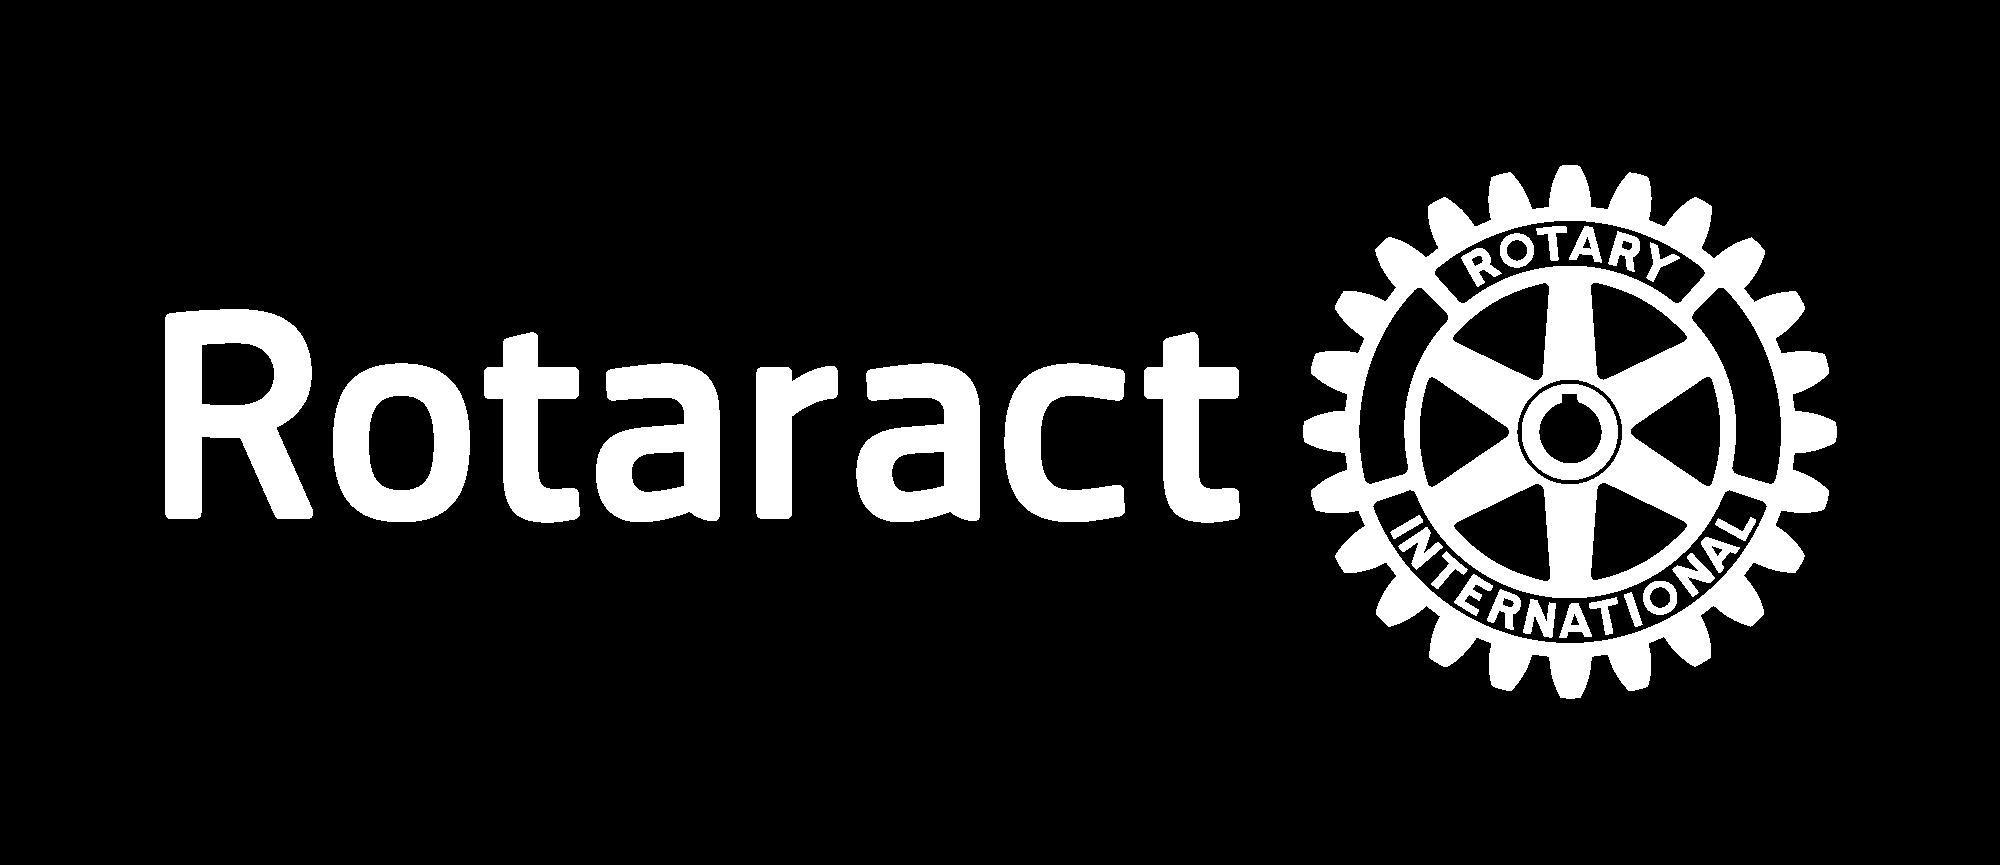 Rotaract Masterbrand - White